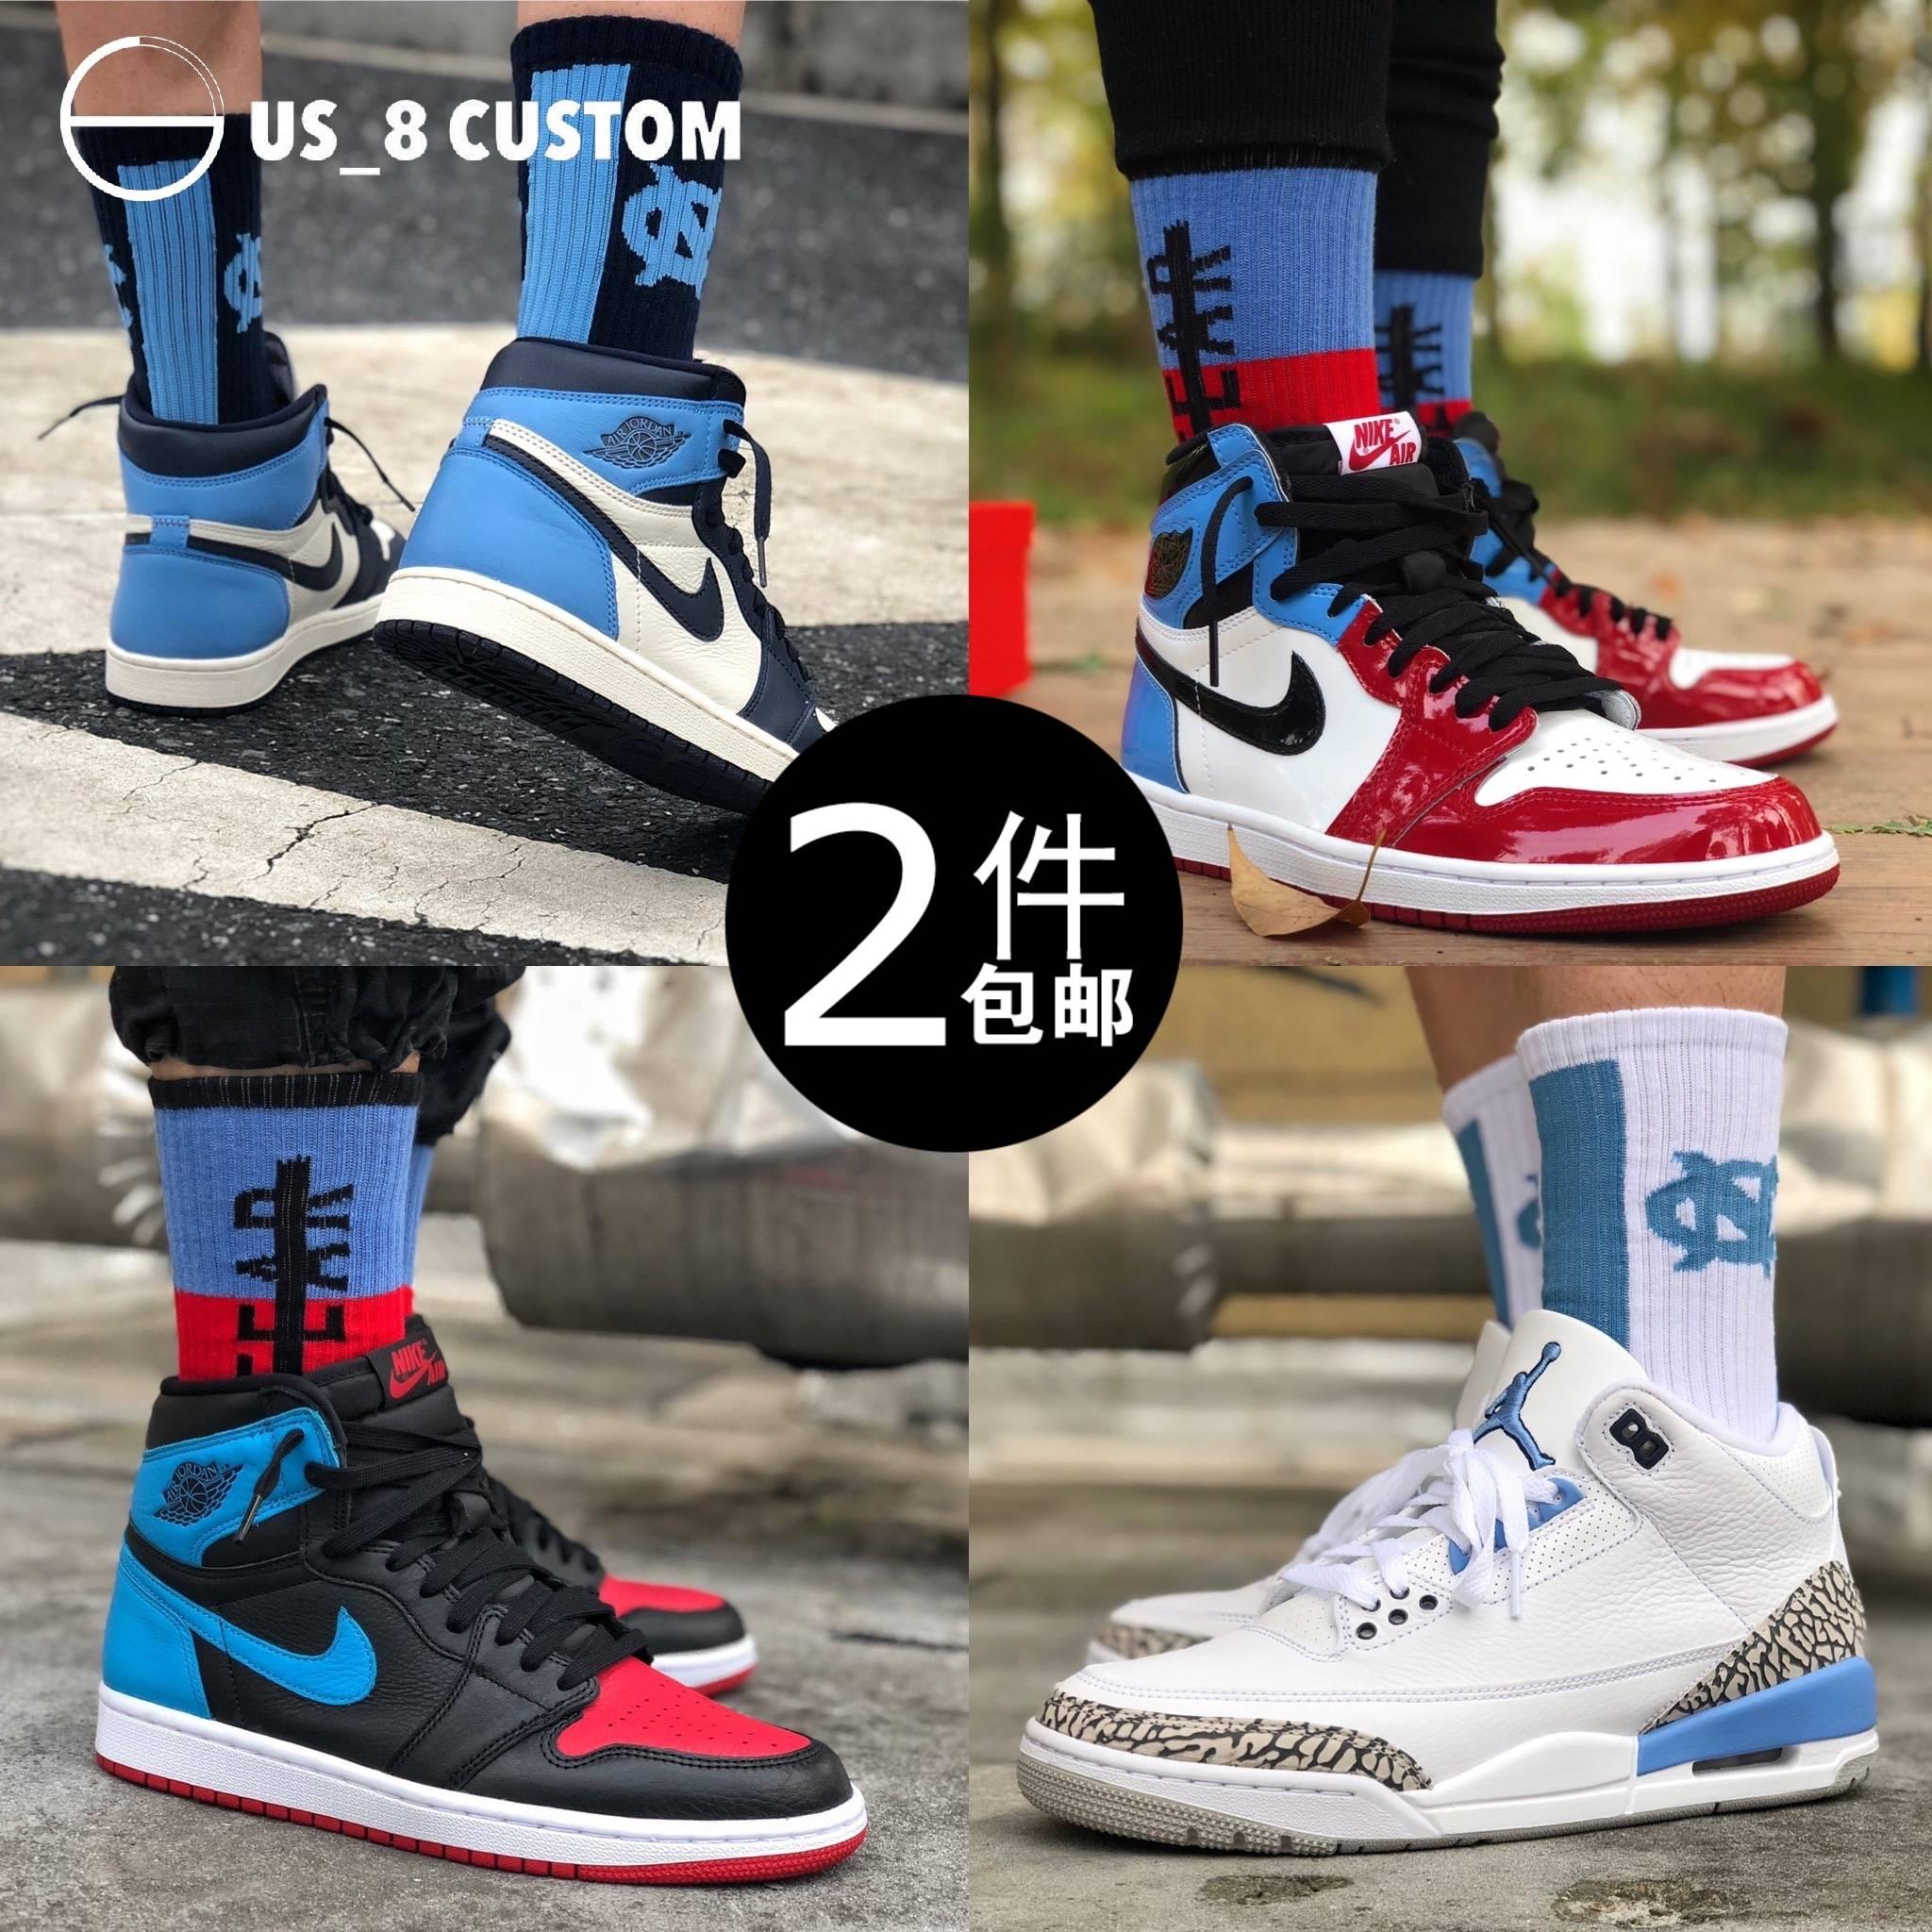 US8球鞋定制AJ1黑曜石北卡大学扣碎联名红蓝绿拼接AJ3UNC搭配袜子图片